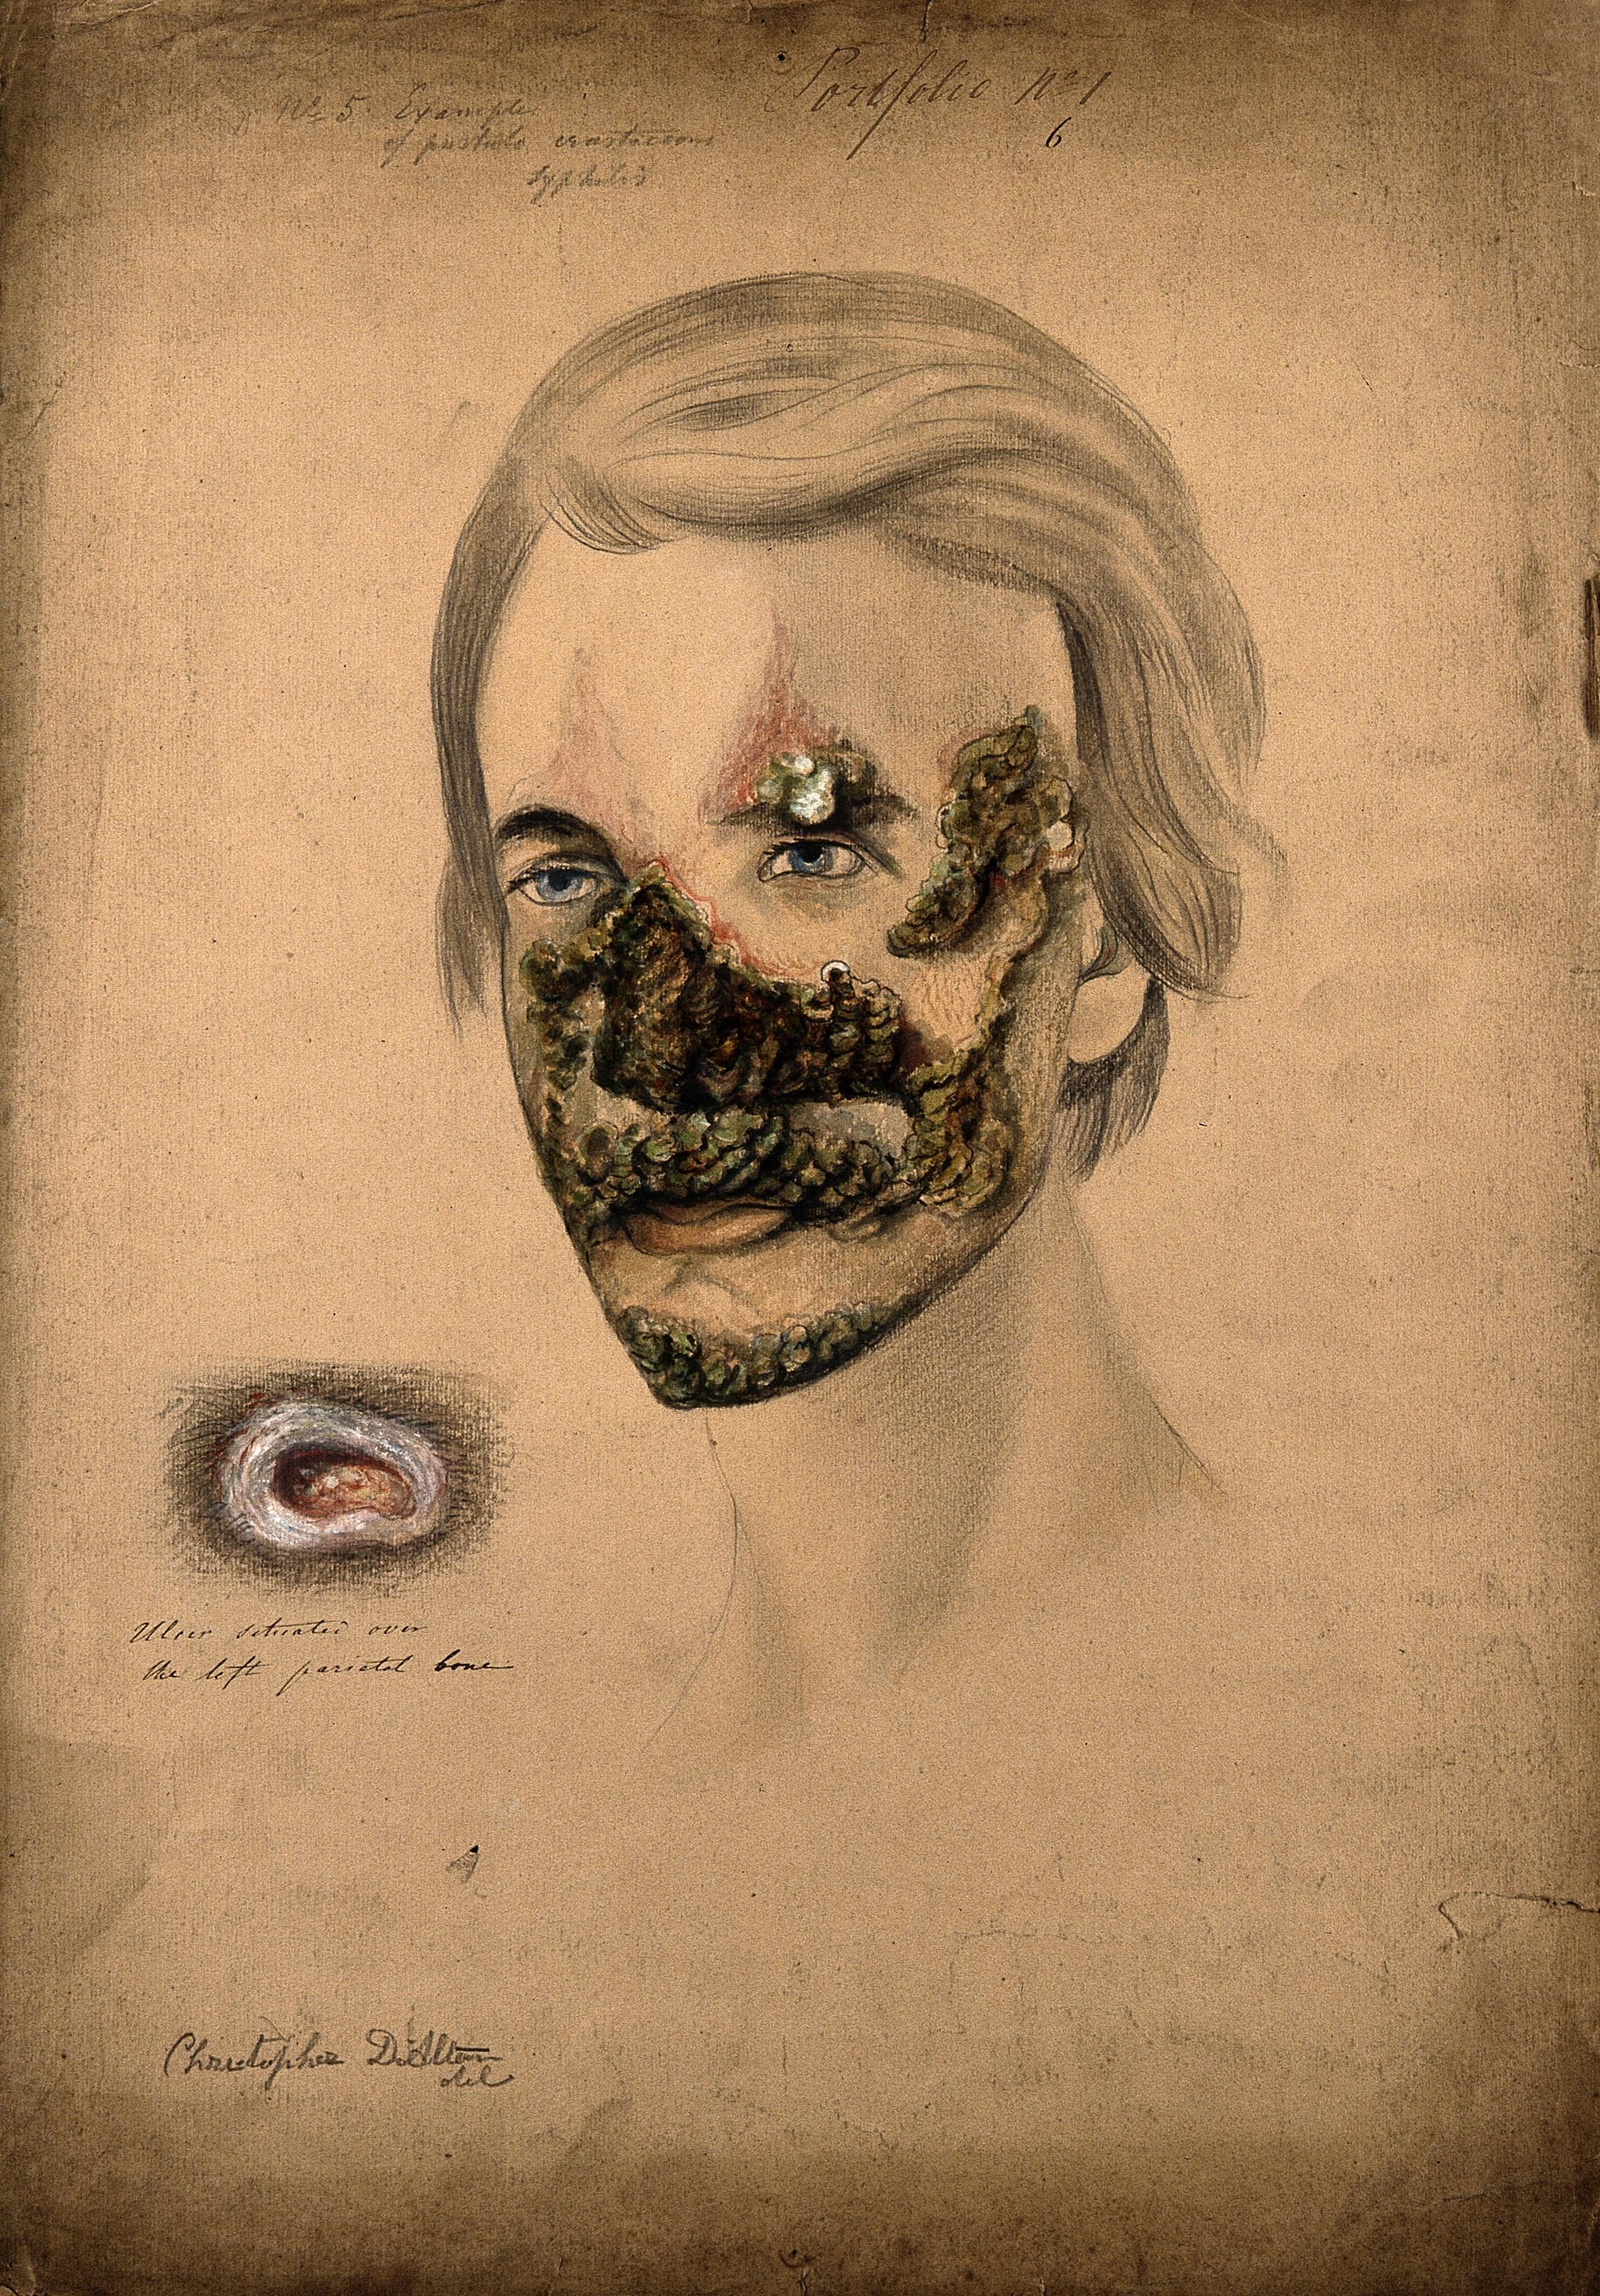 metadata for facial images